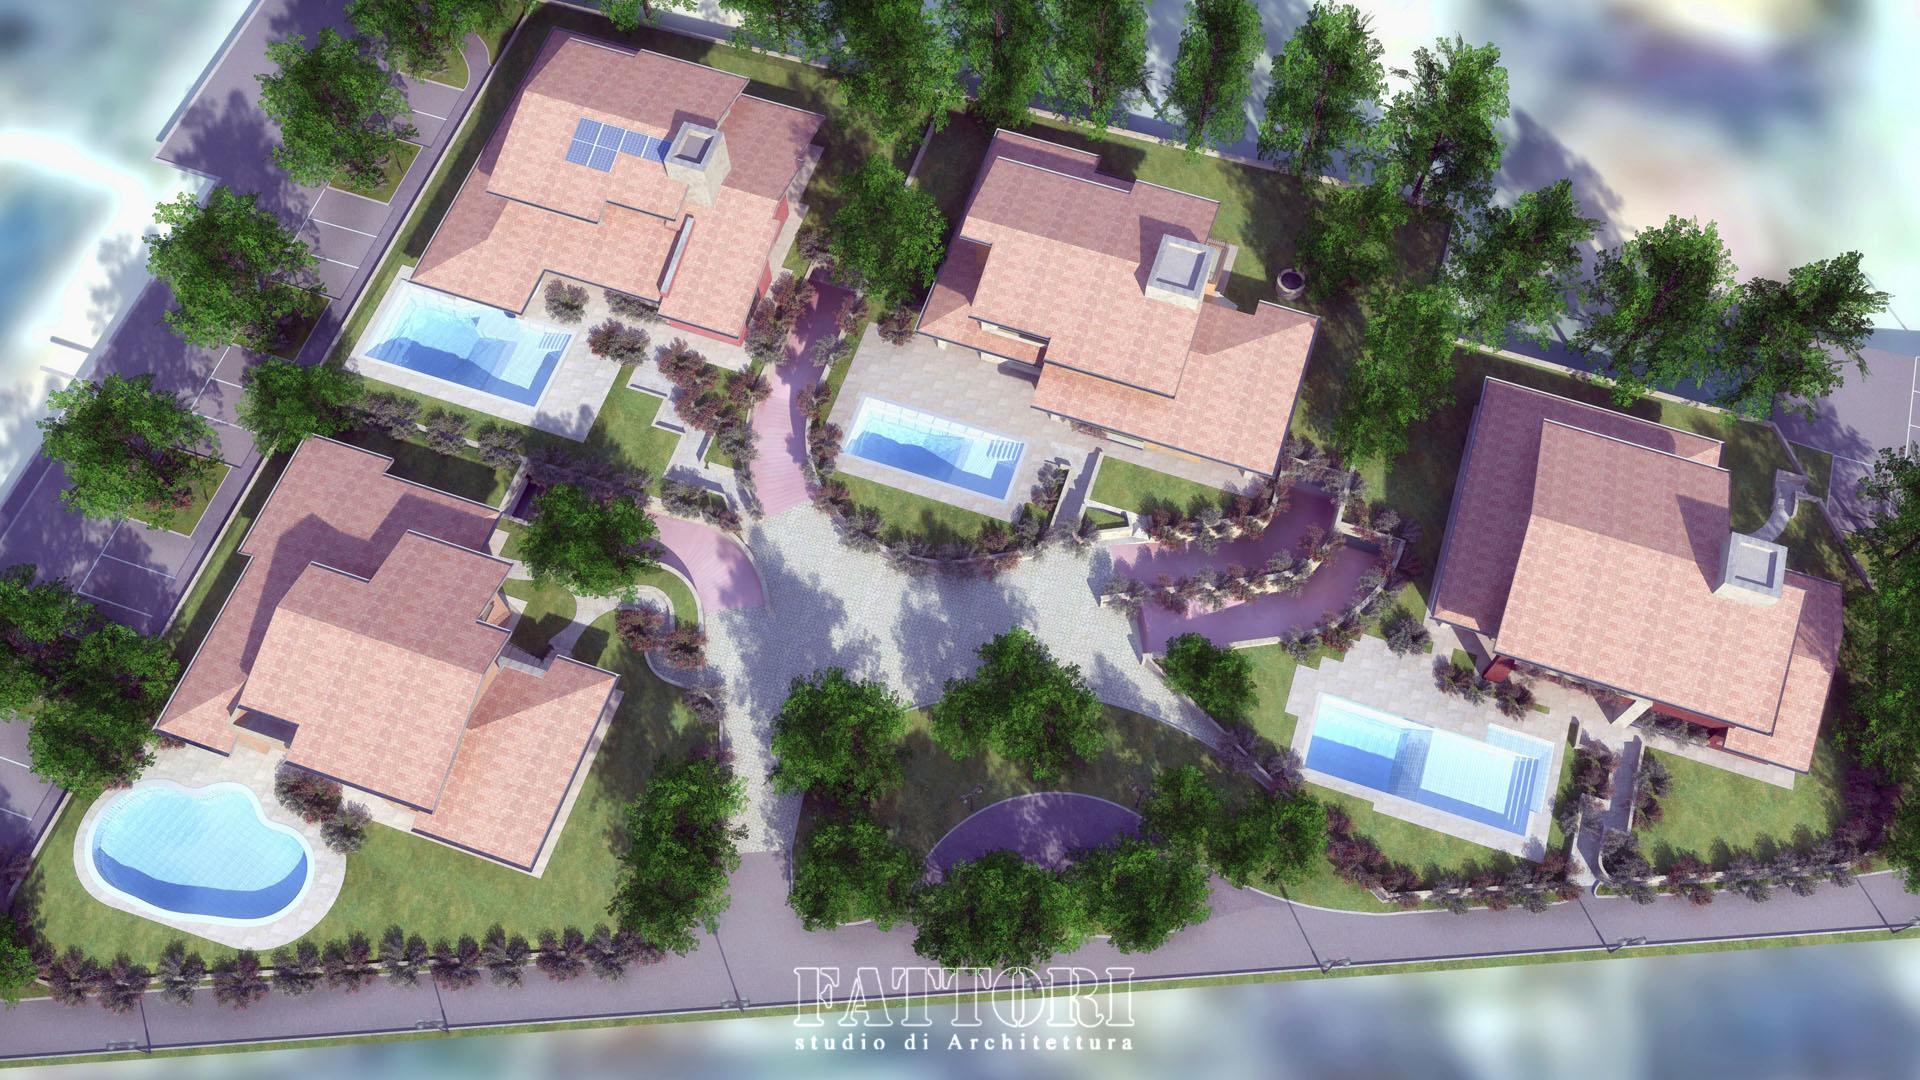 studio_di_architettura_fattori_fausto_progettazione ville case residenziali_2